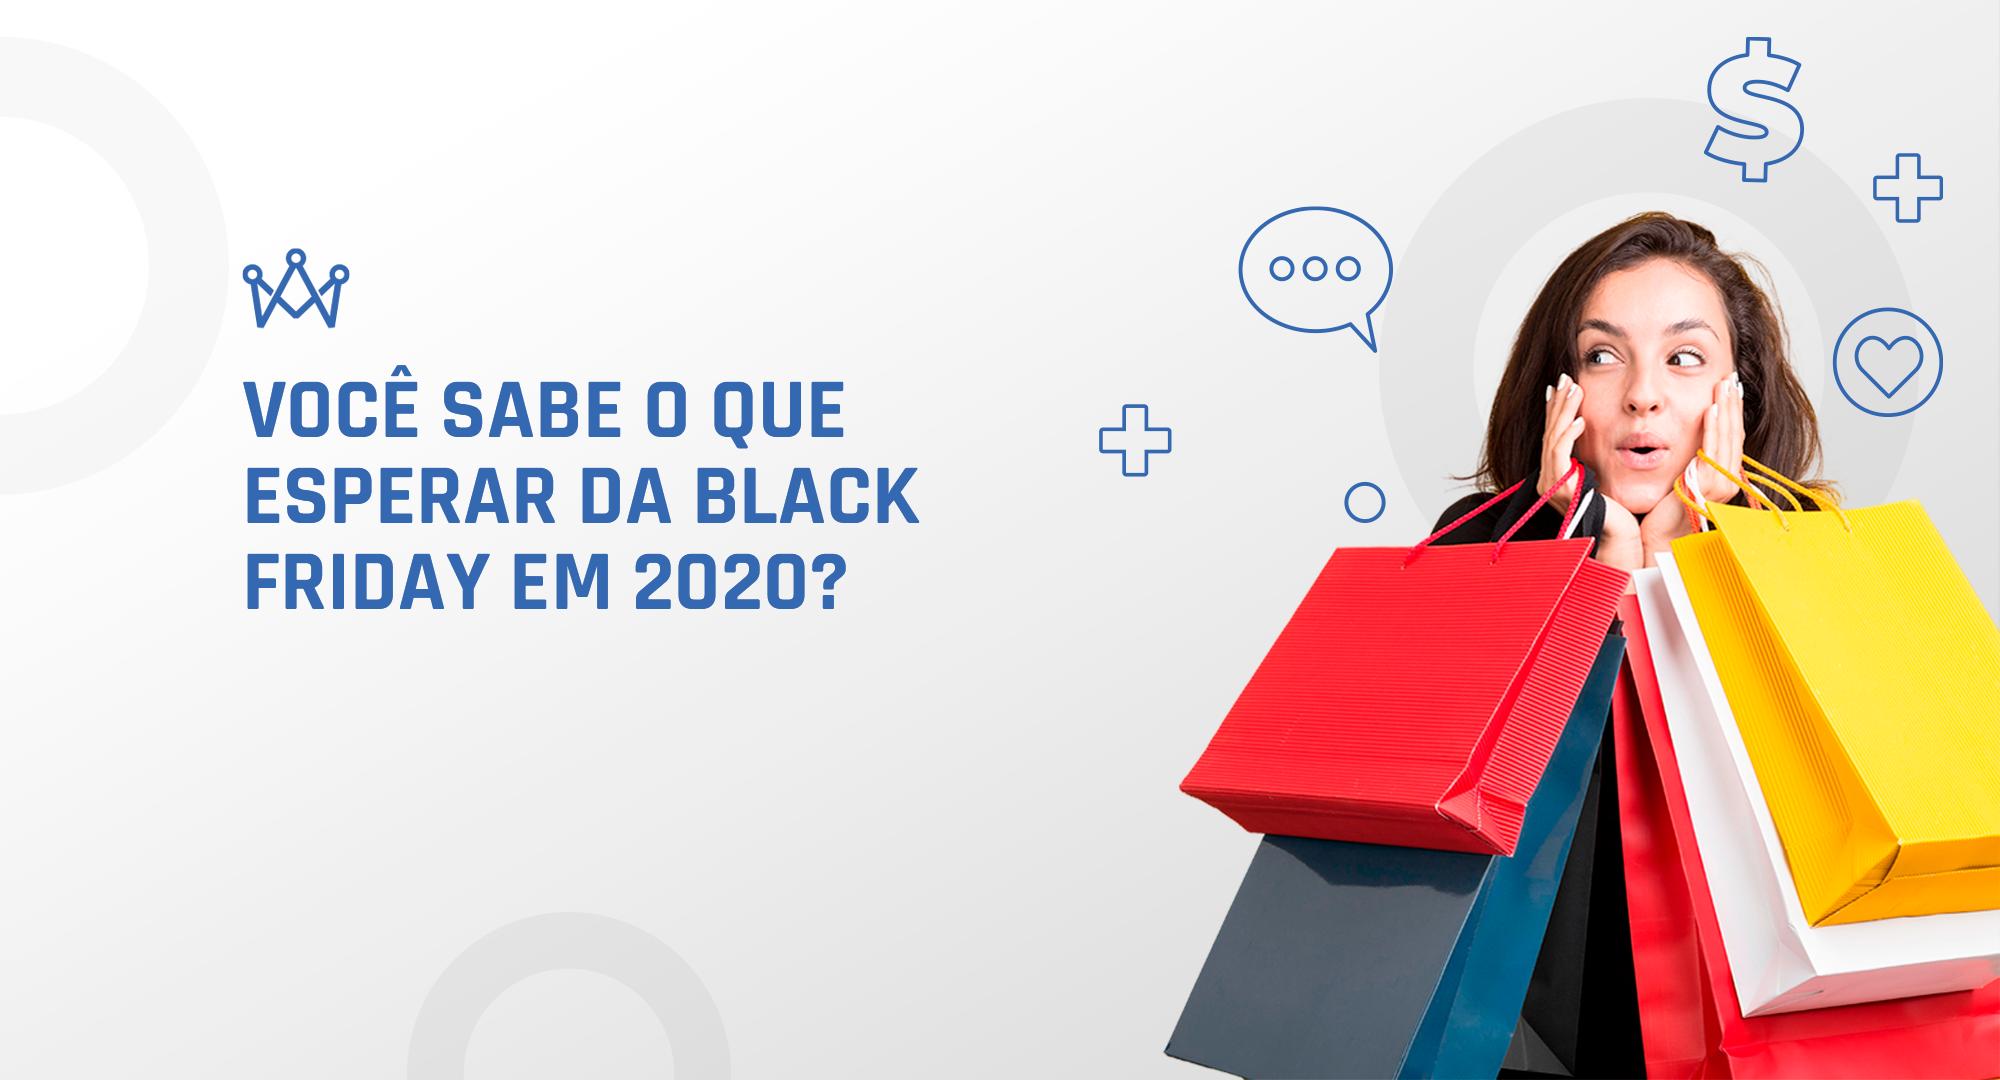 """Imagem de uma mulher segurando sacolas com a frase """"Você sabe o que esperar da Black Friday em 2020?"""""""